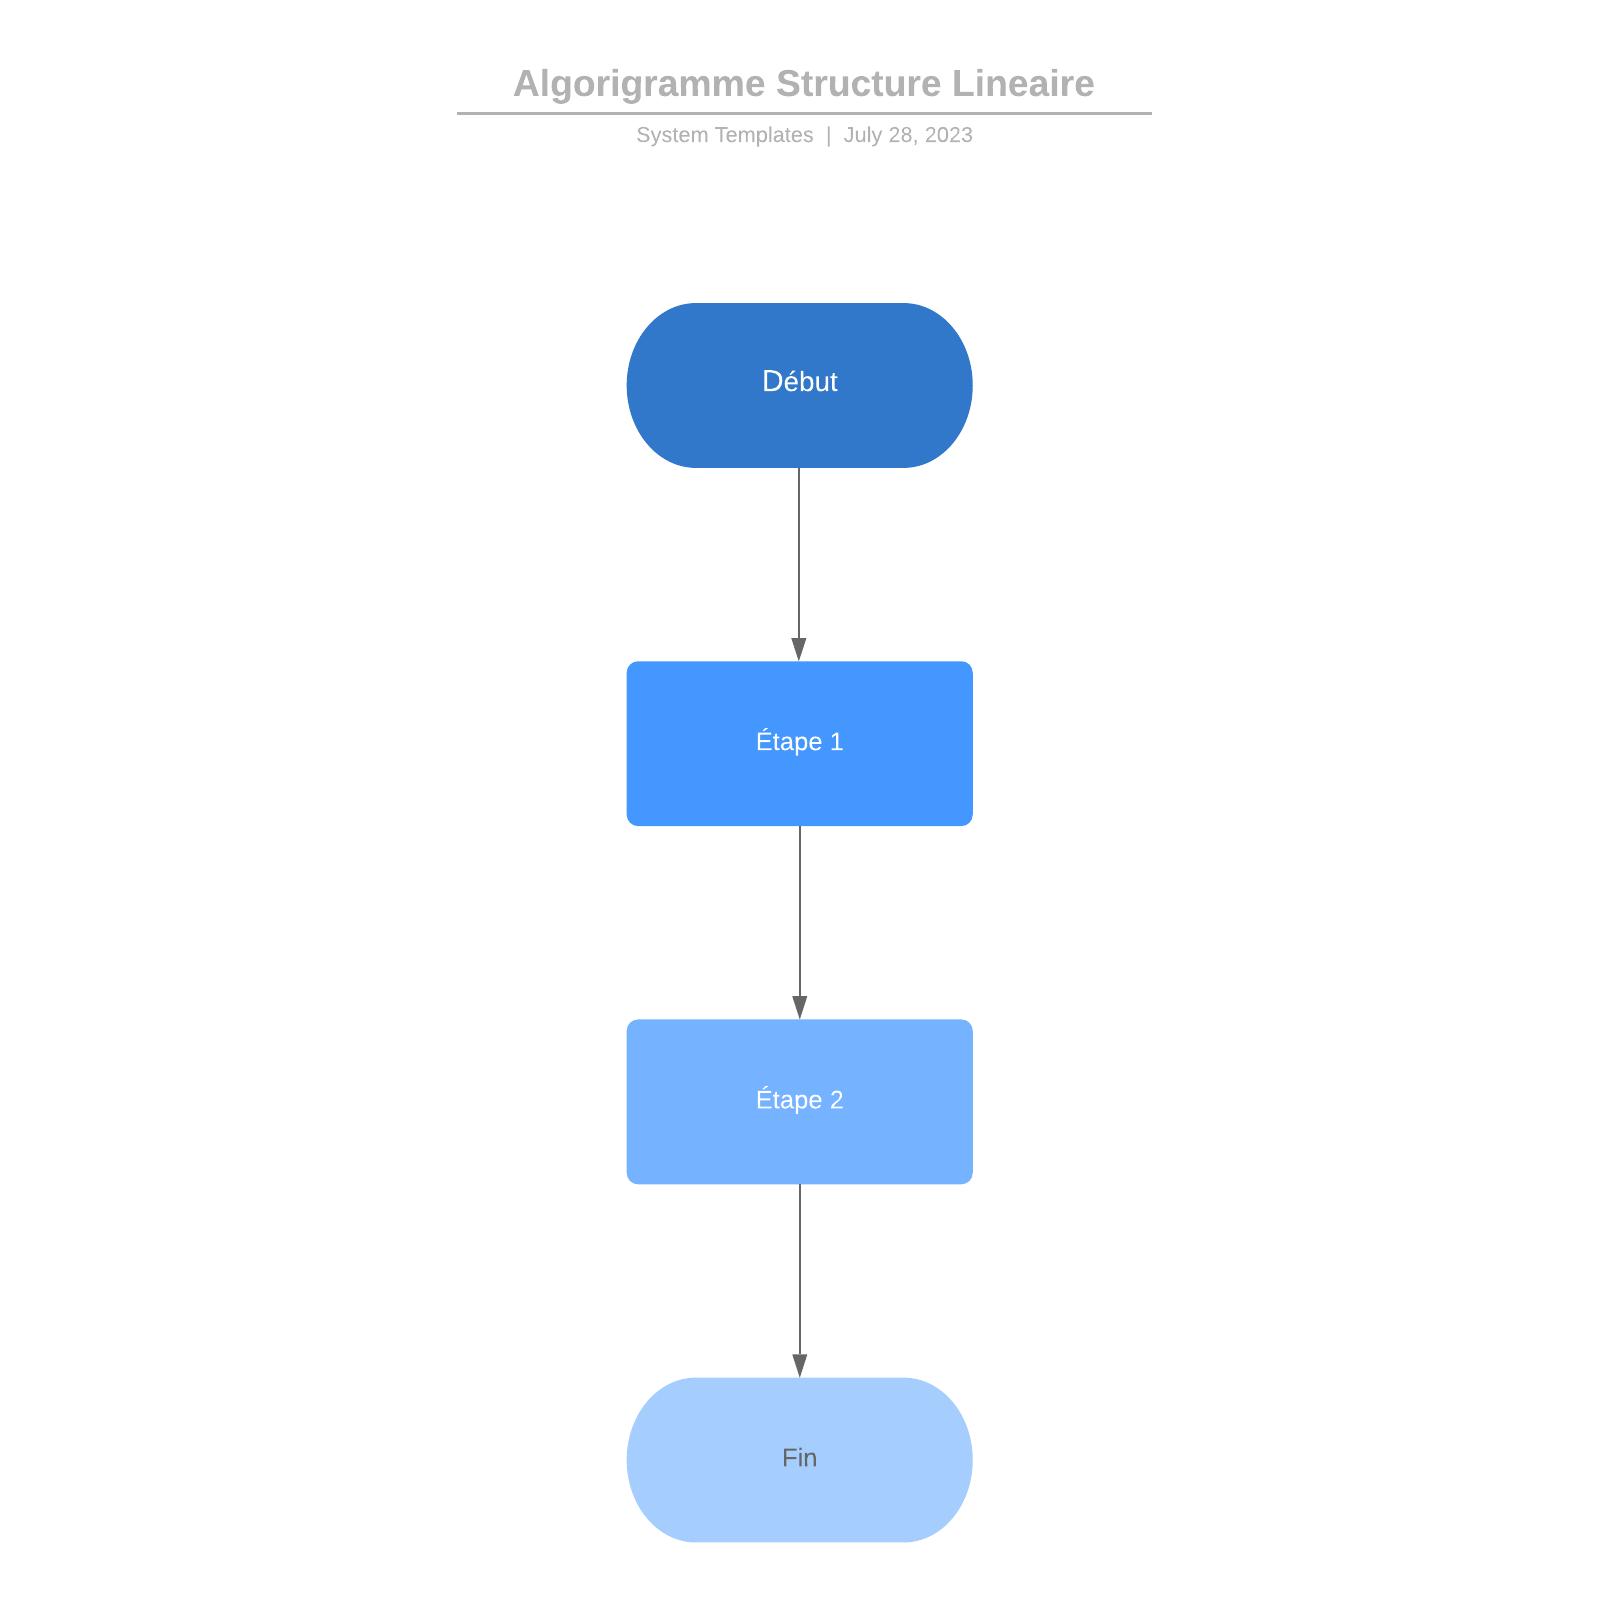 exemple d'algorigramme à structure linéaire